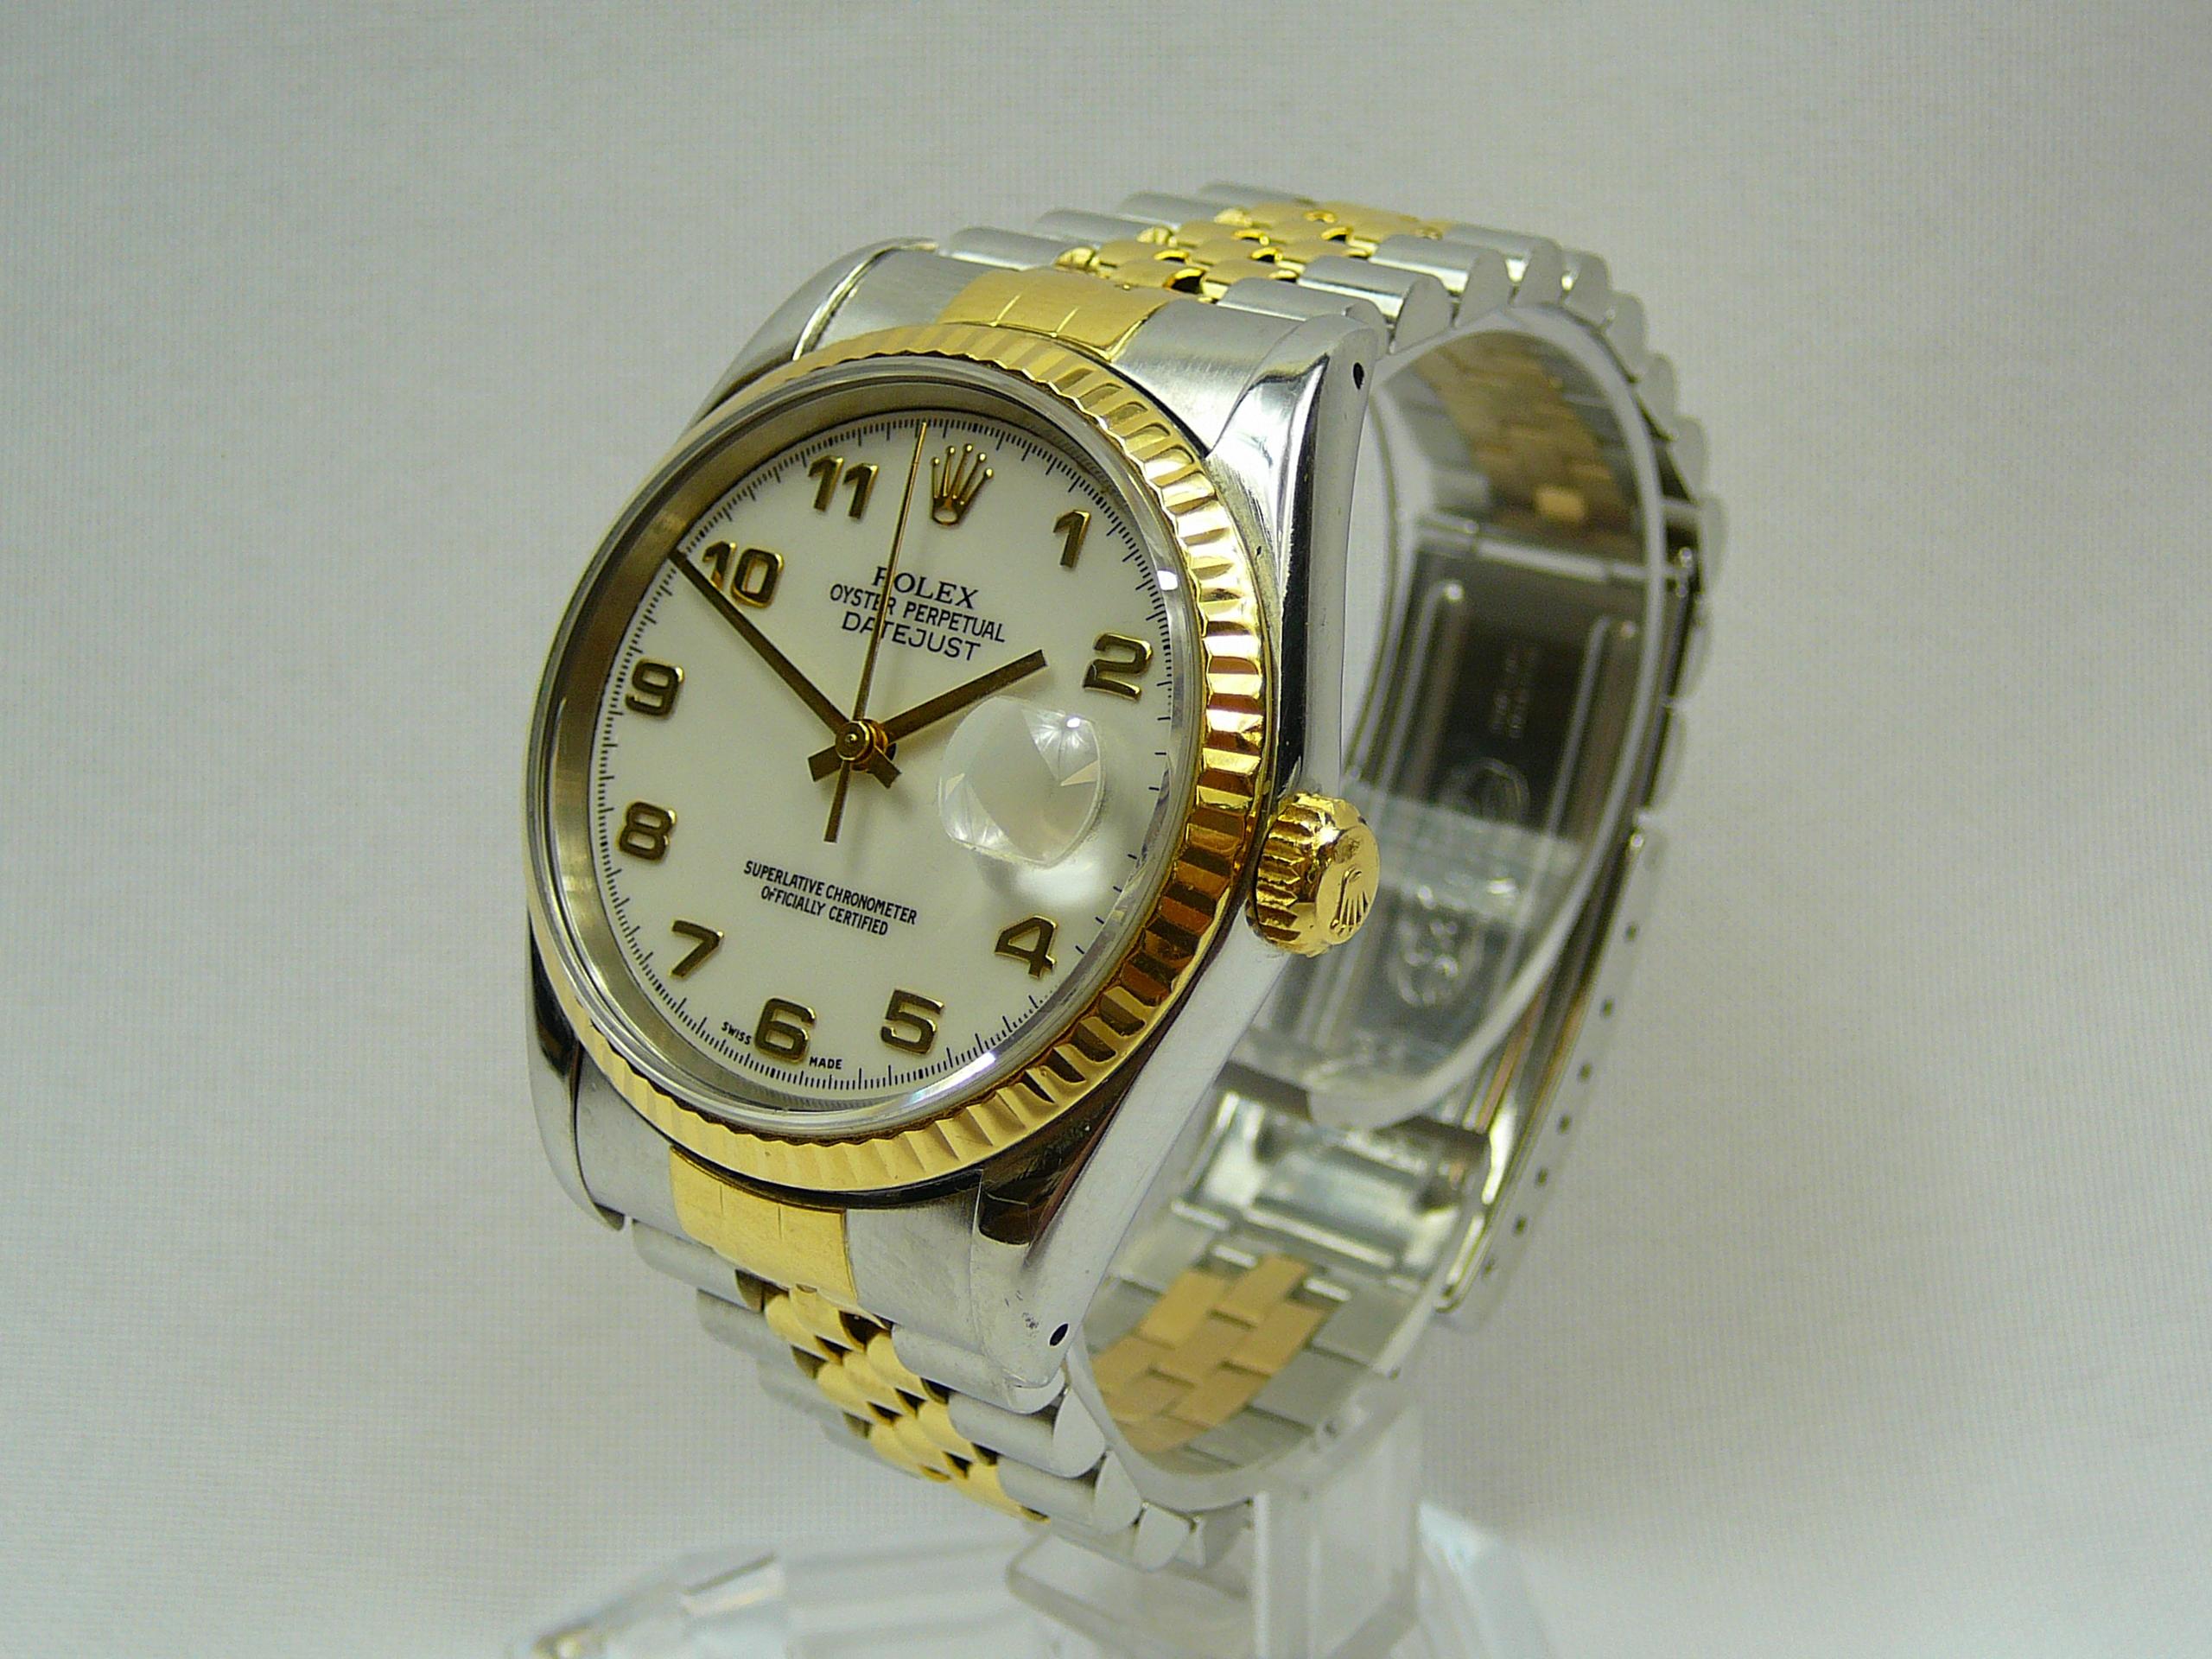 Gents Rolex Wrist Watch - Image 2 of 6